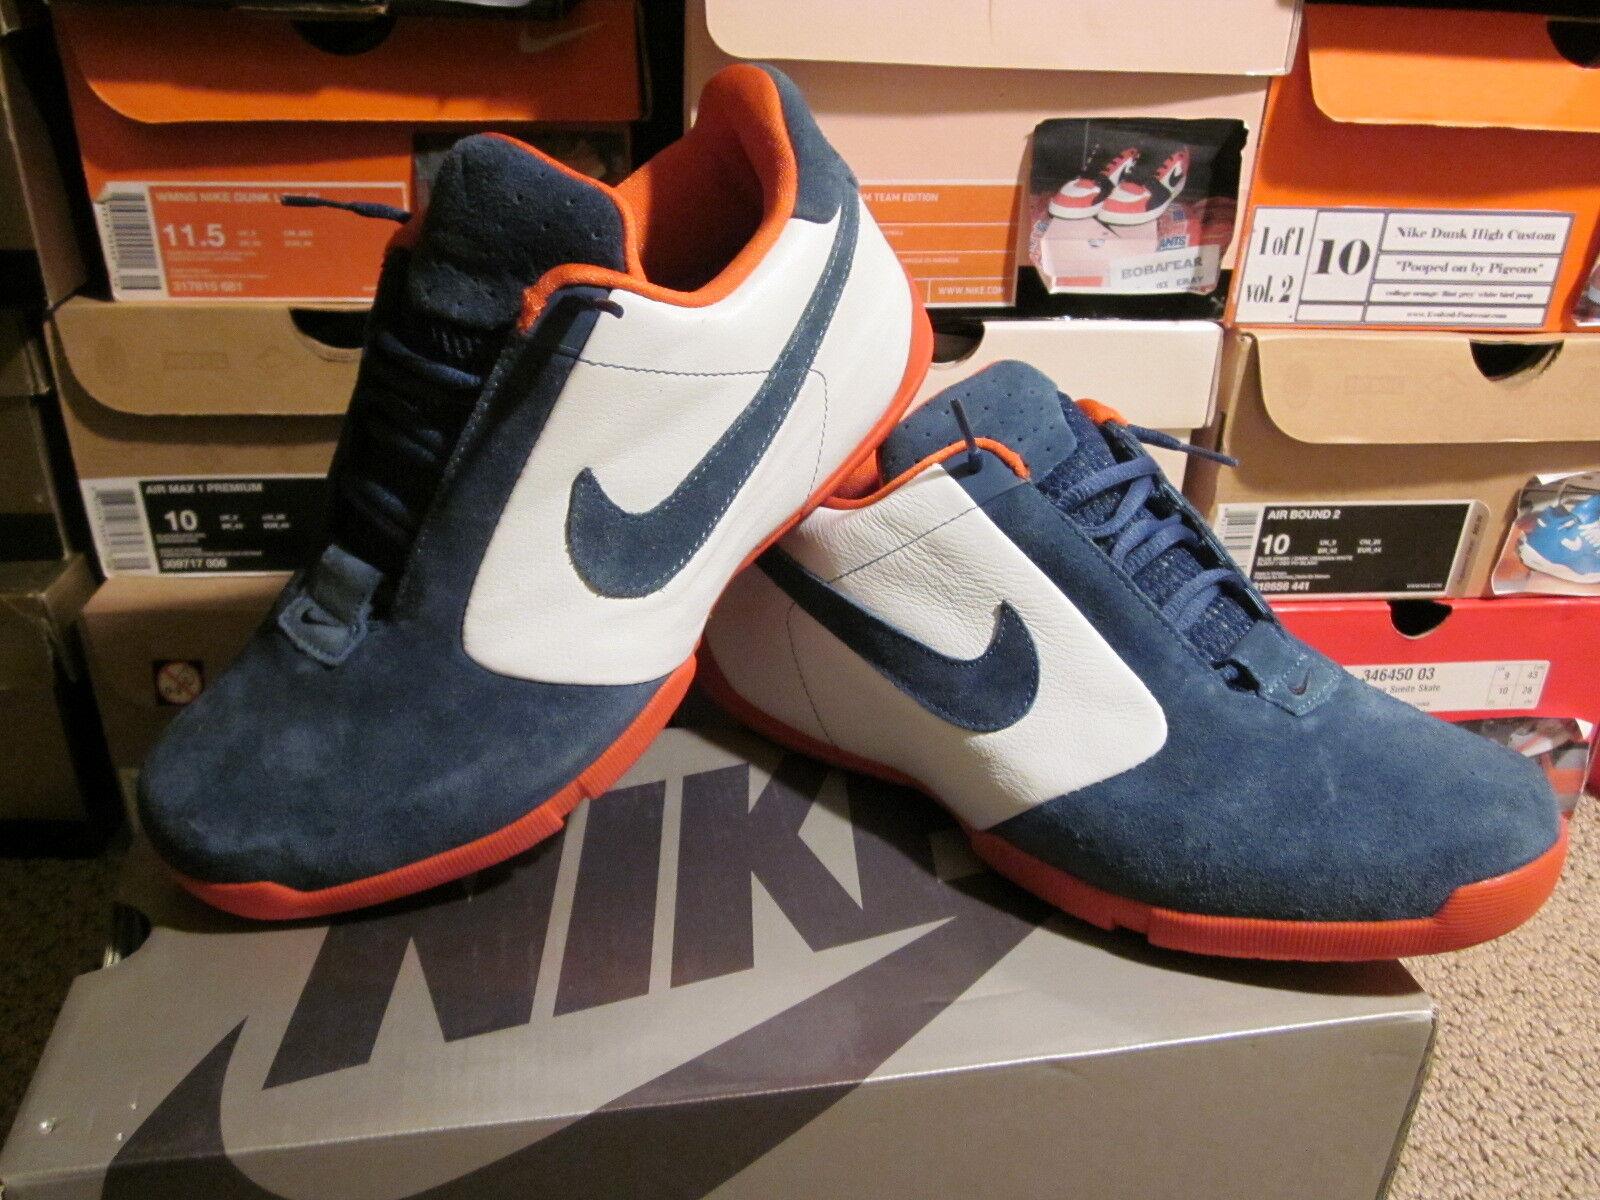 Nike Zoom Air URL SB Size 10 Broncos white apollo blue deep orange Skateboarding